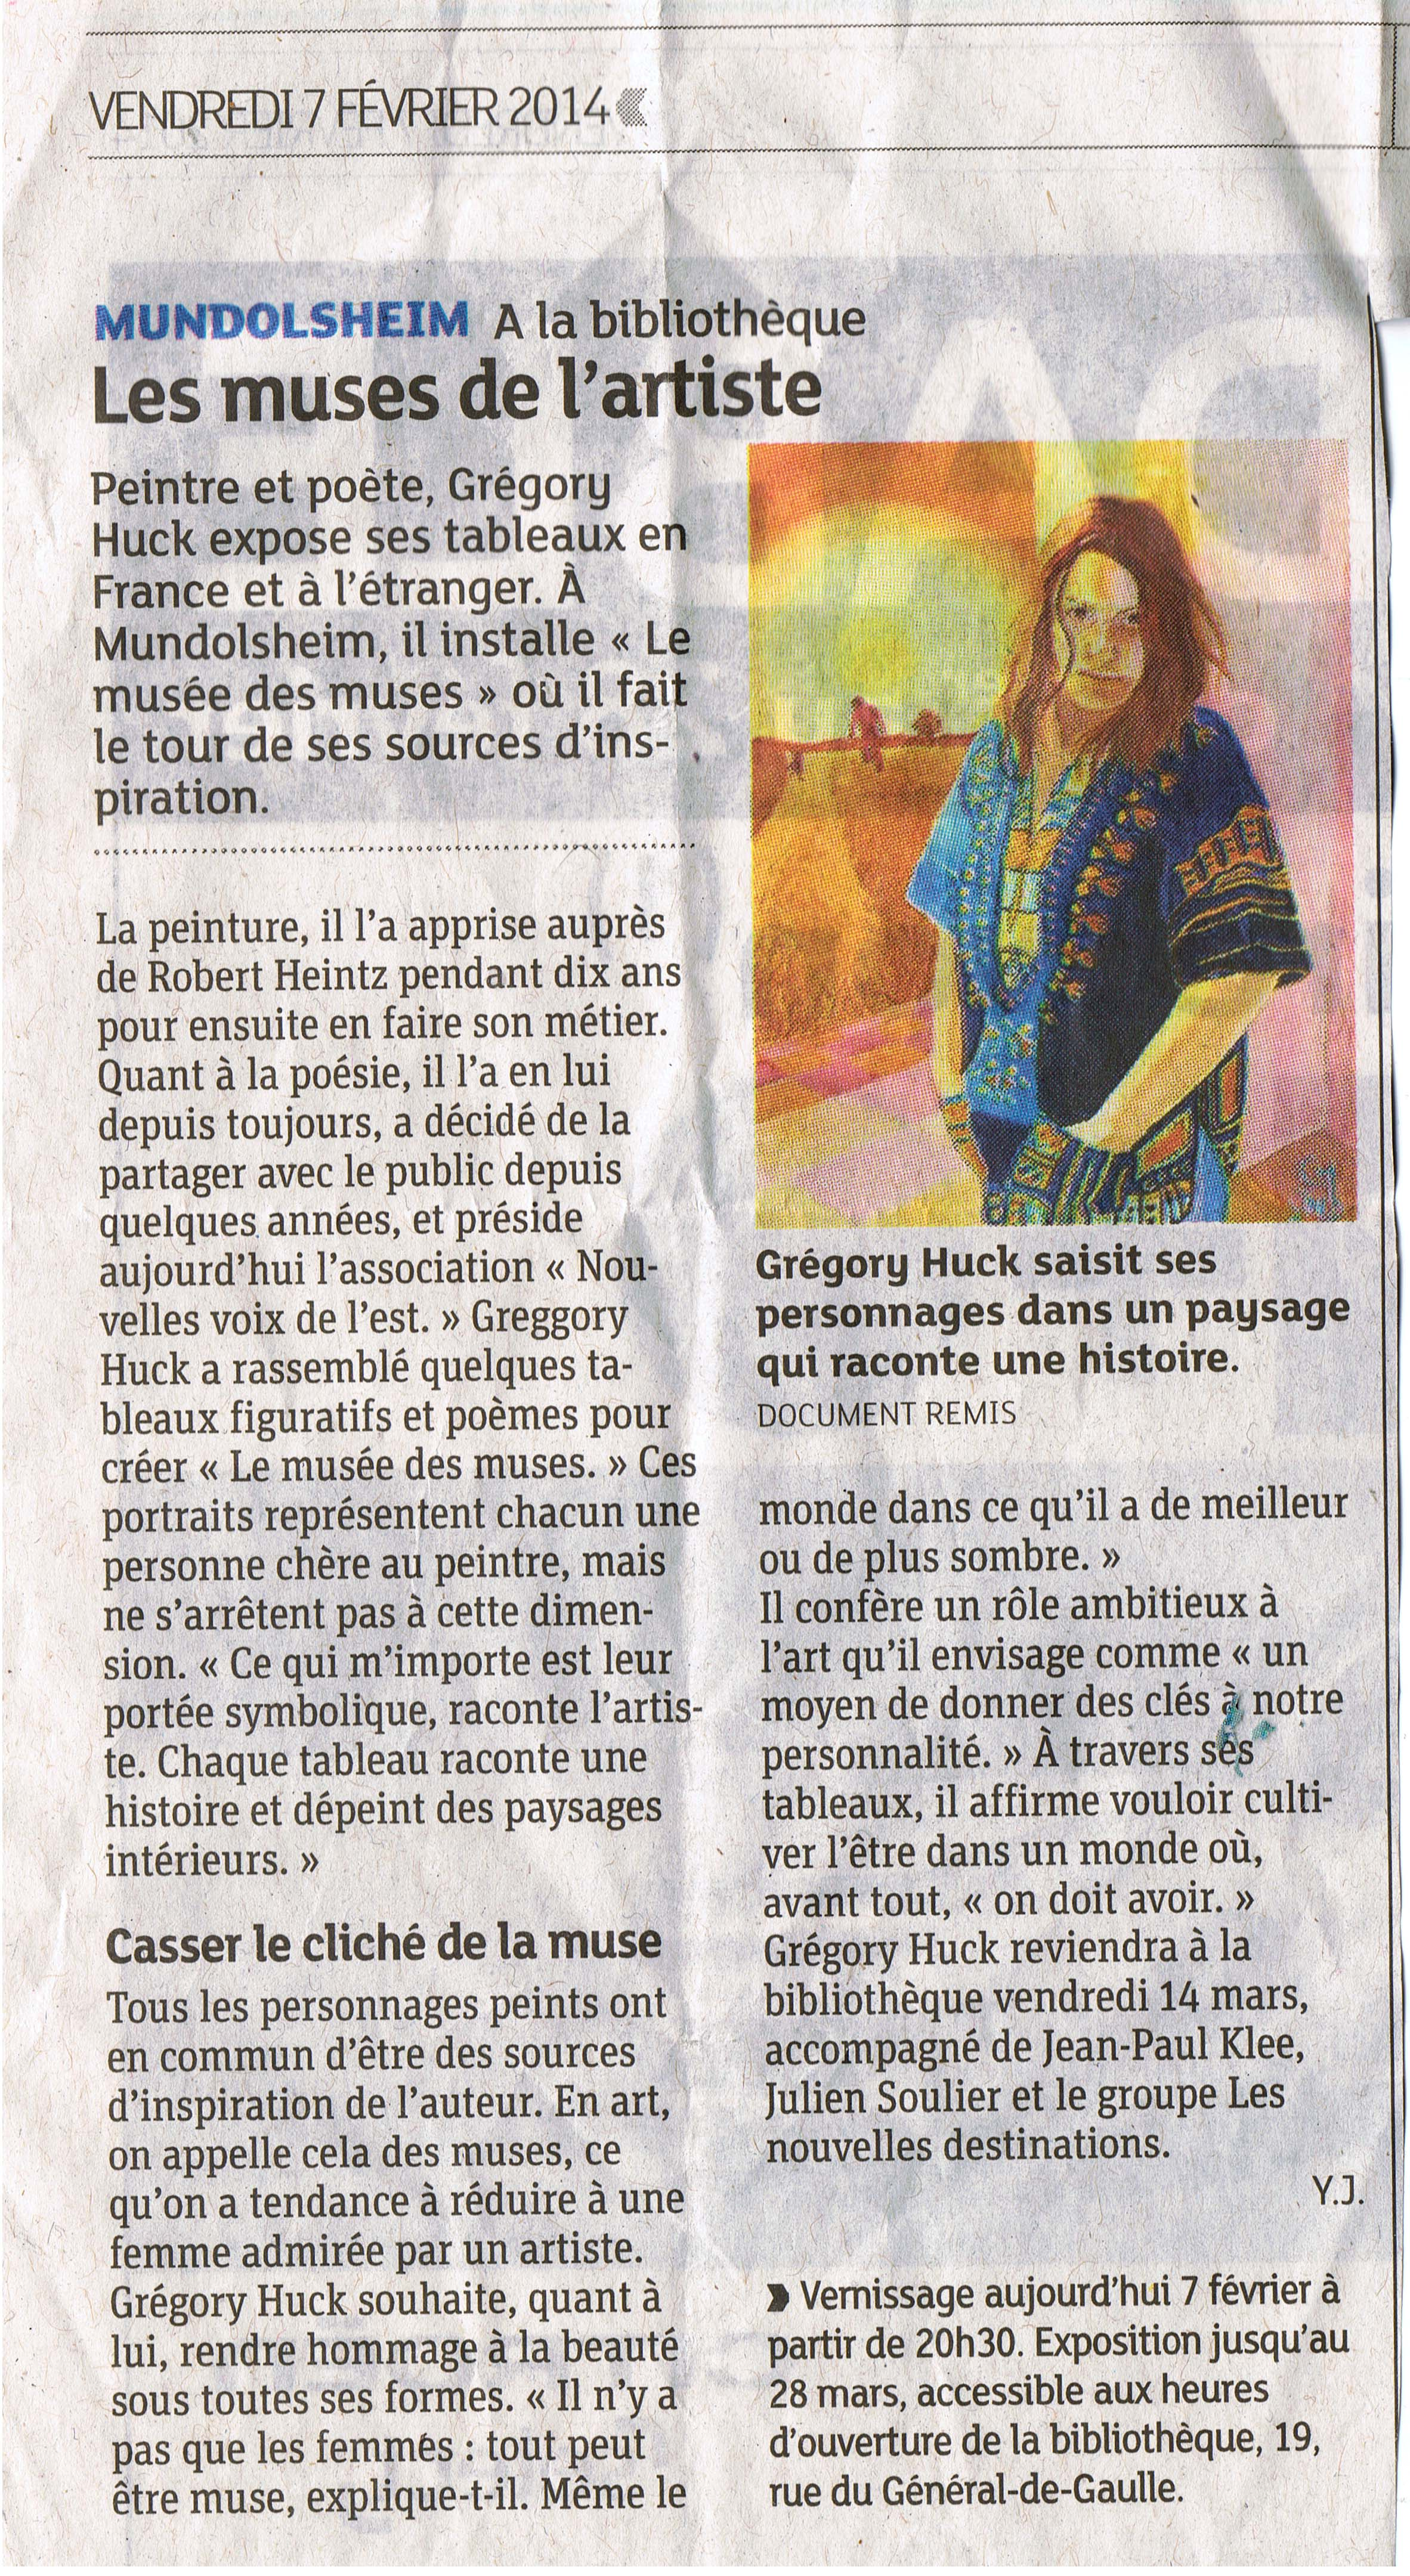 17.Article_DNA_7_février_2014_-_Musée_des_muses_-_Médiathèque_de_Mundolsheim